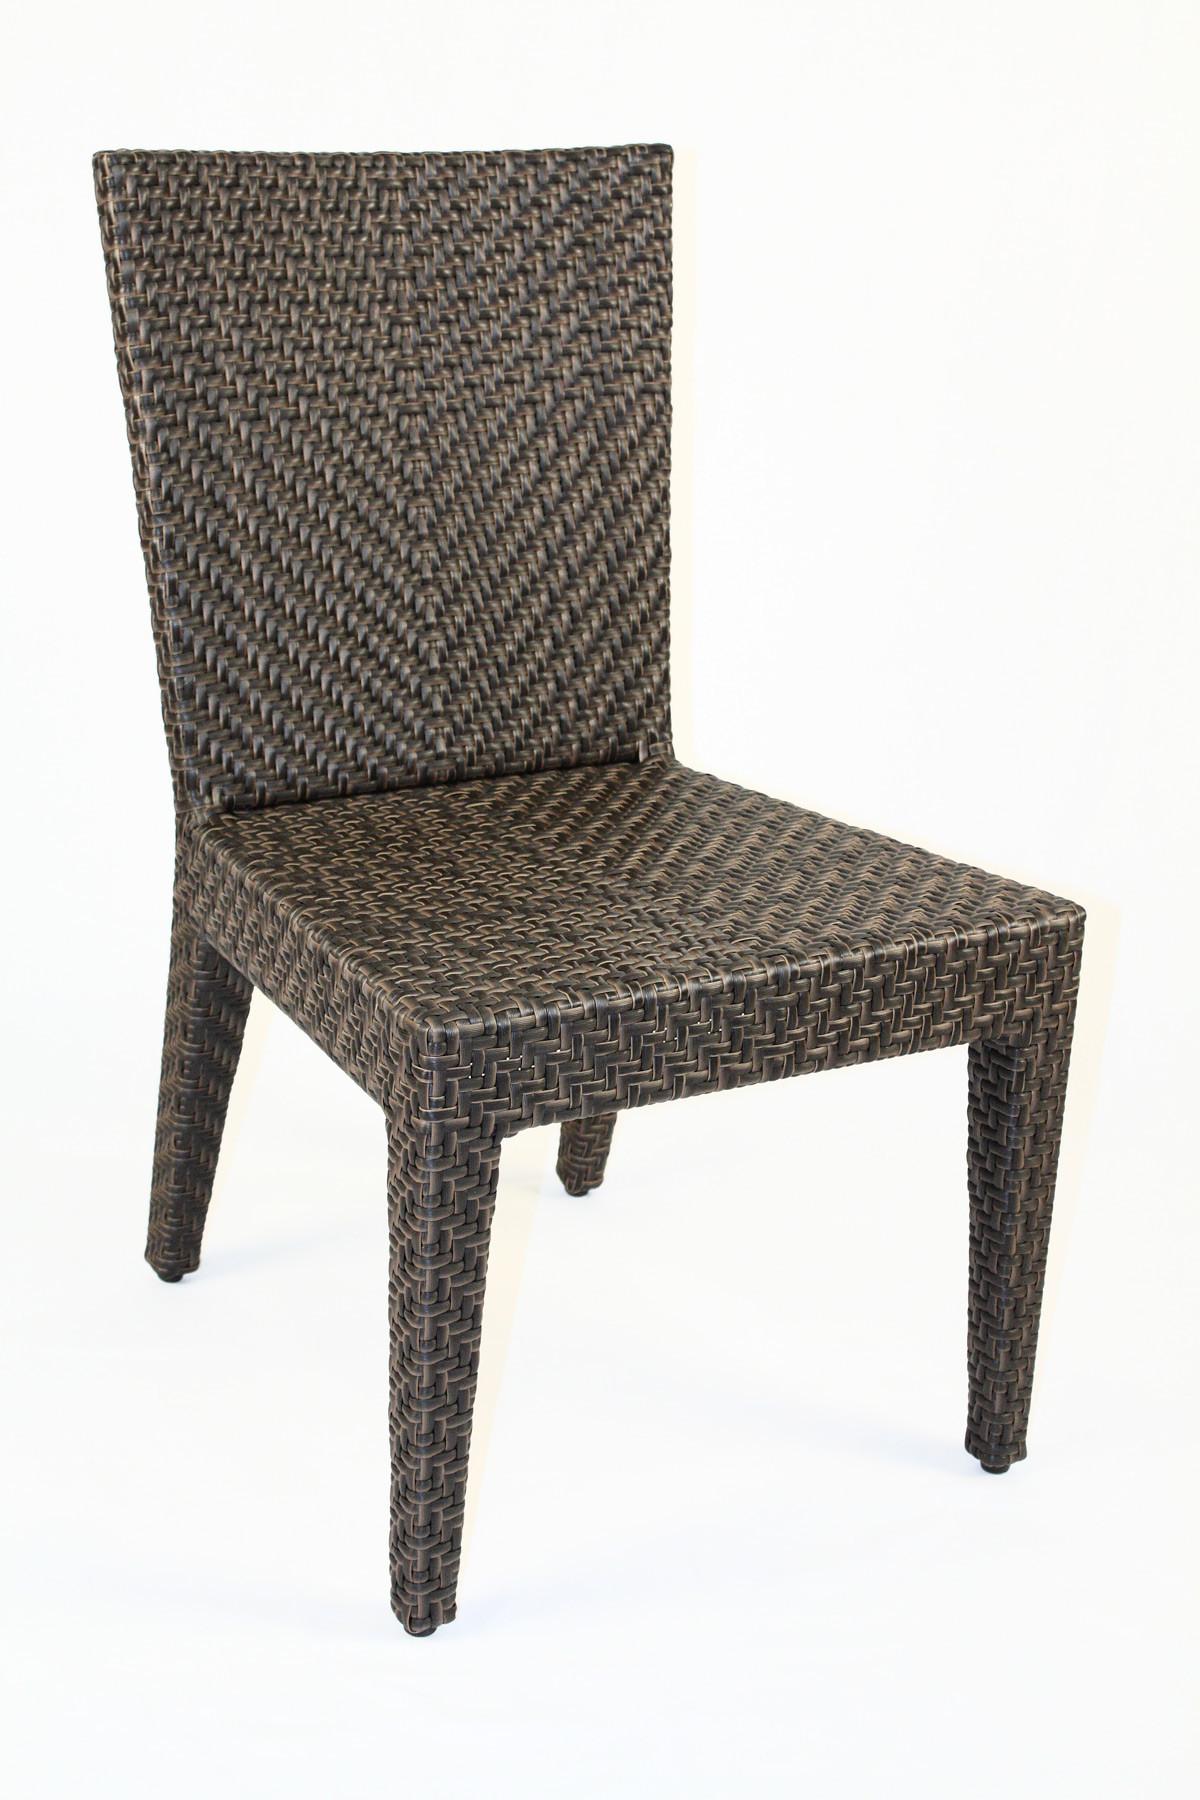 Hospitality Rattan Soho 3 Piece Wicker Side Chair Bistro Set